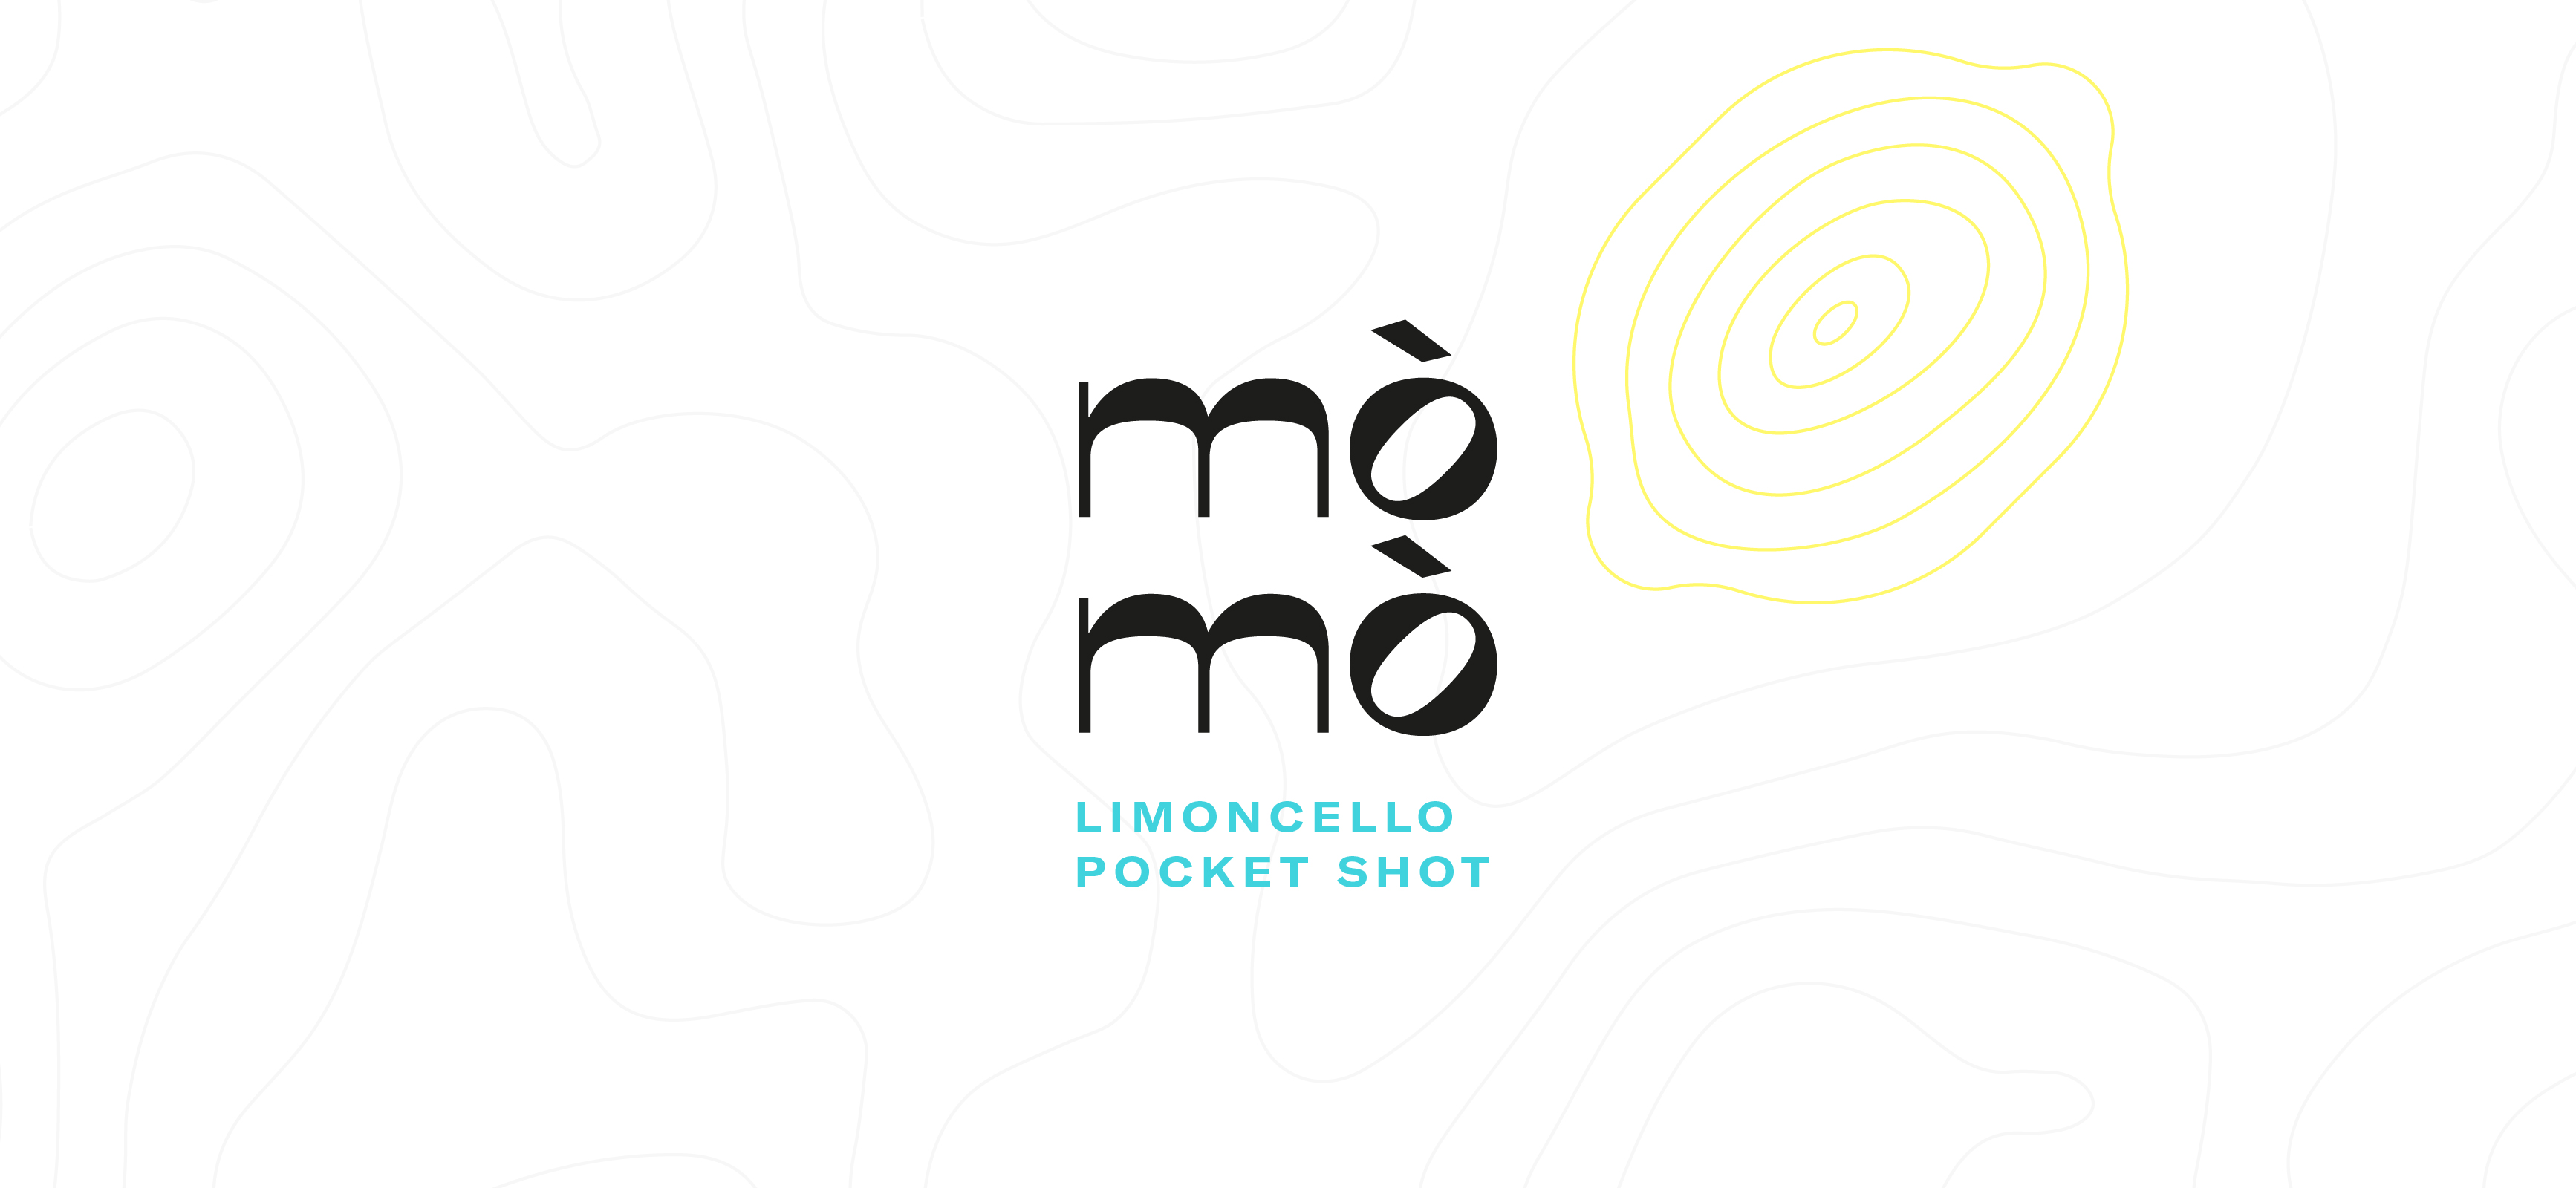 Limoncello Pocket Shot – A New Idea from Giuliano Rusciano